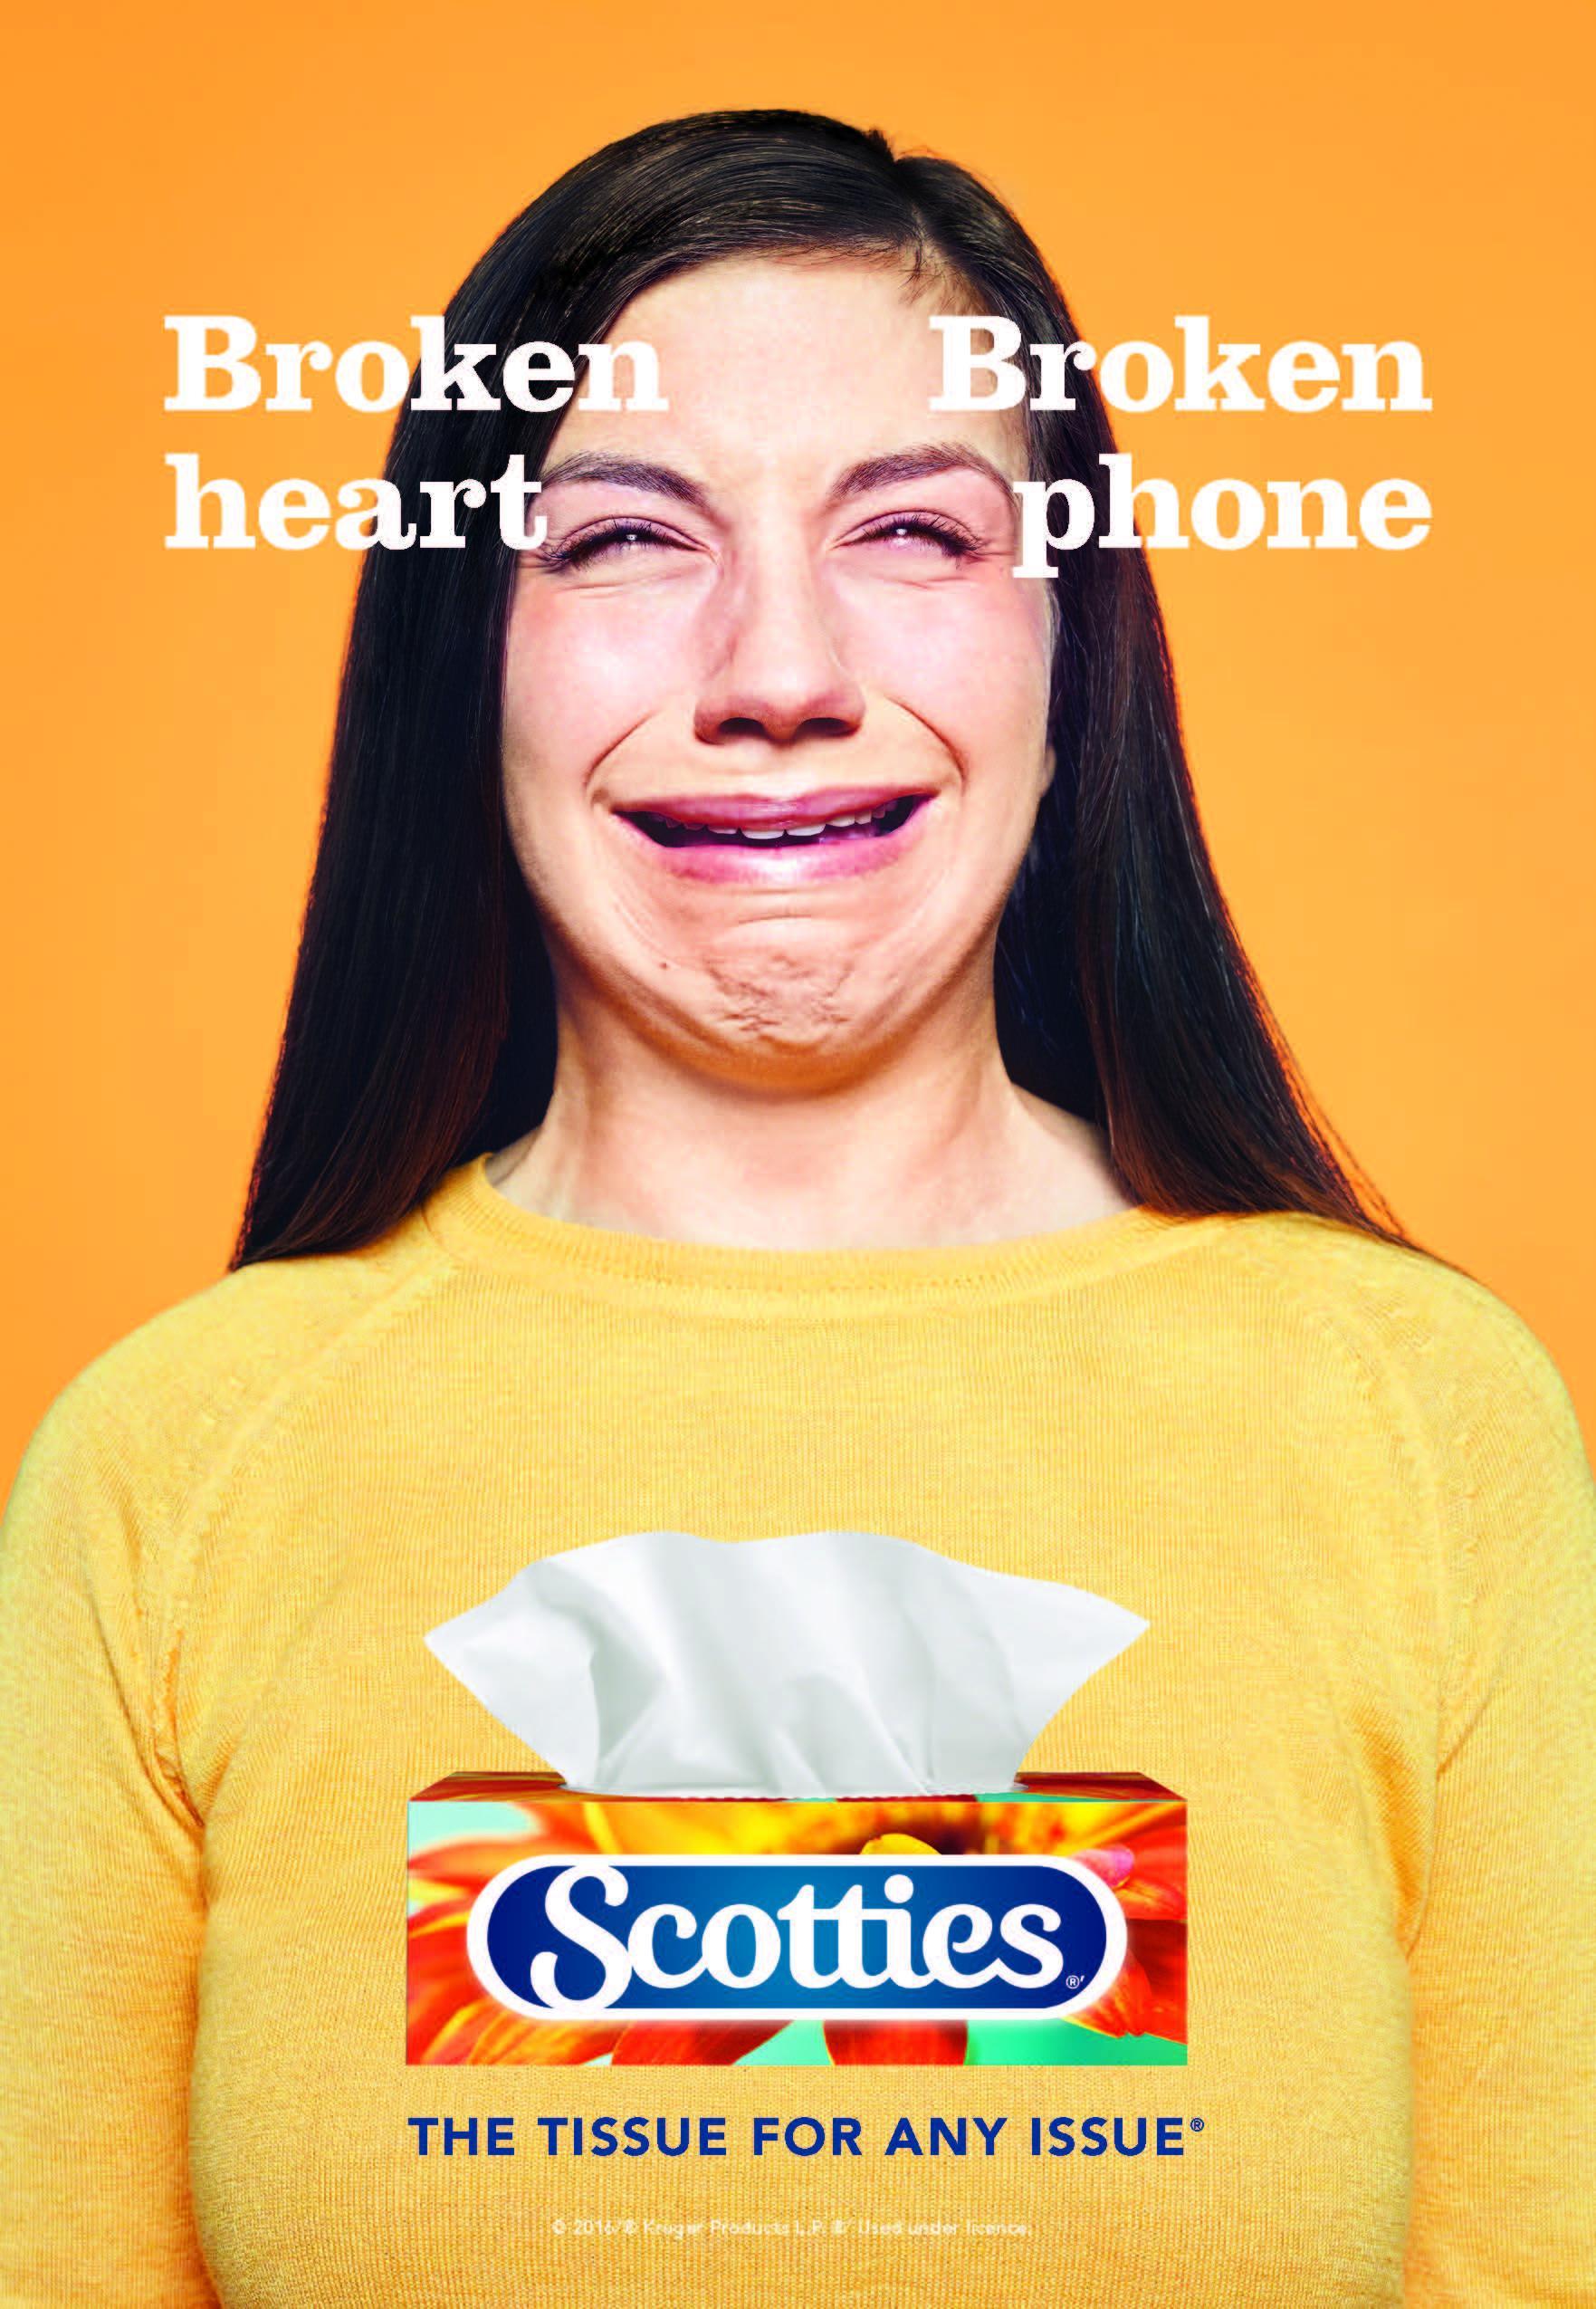 Scotties Print Ad - Broken heart - broken phone